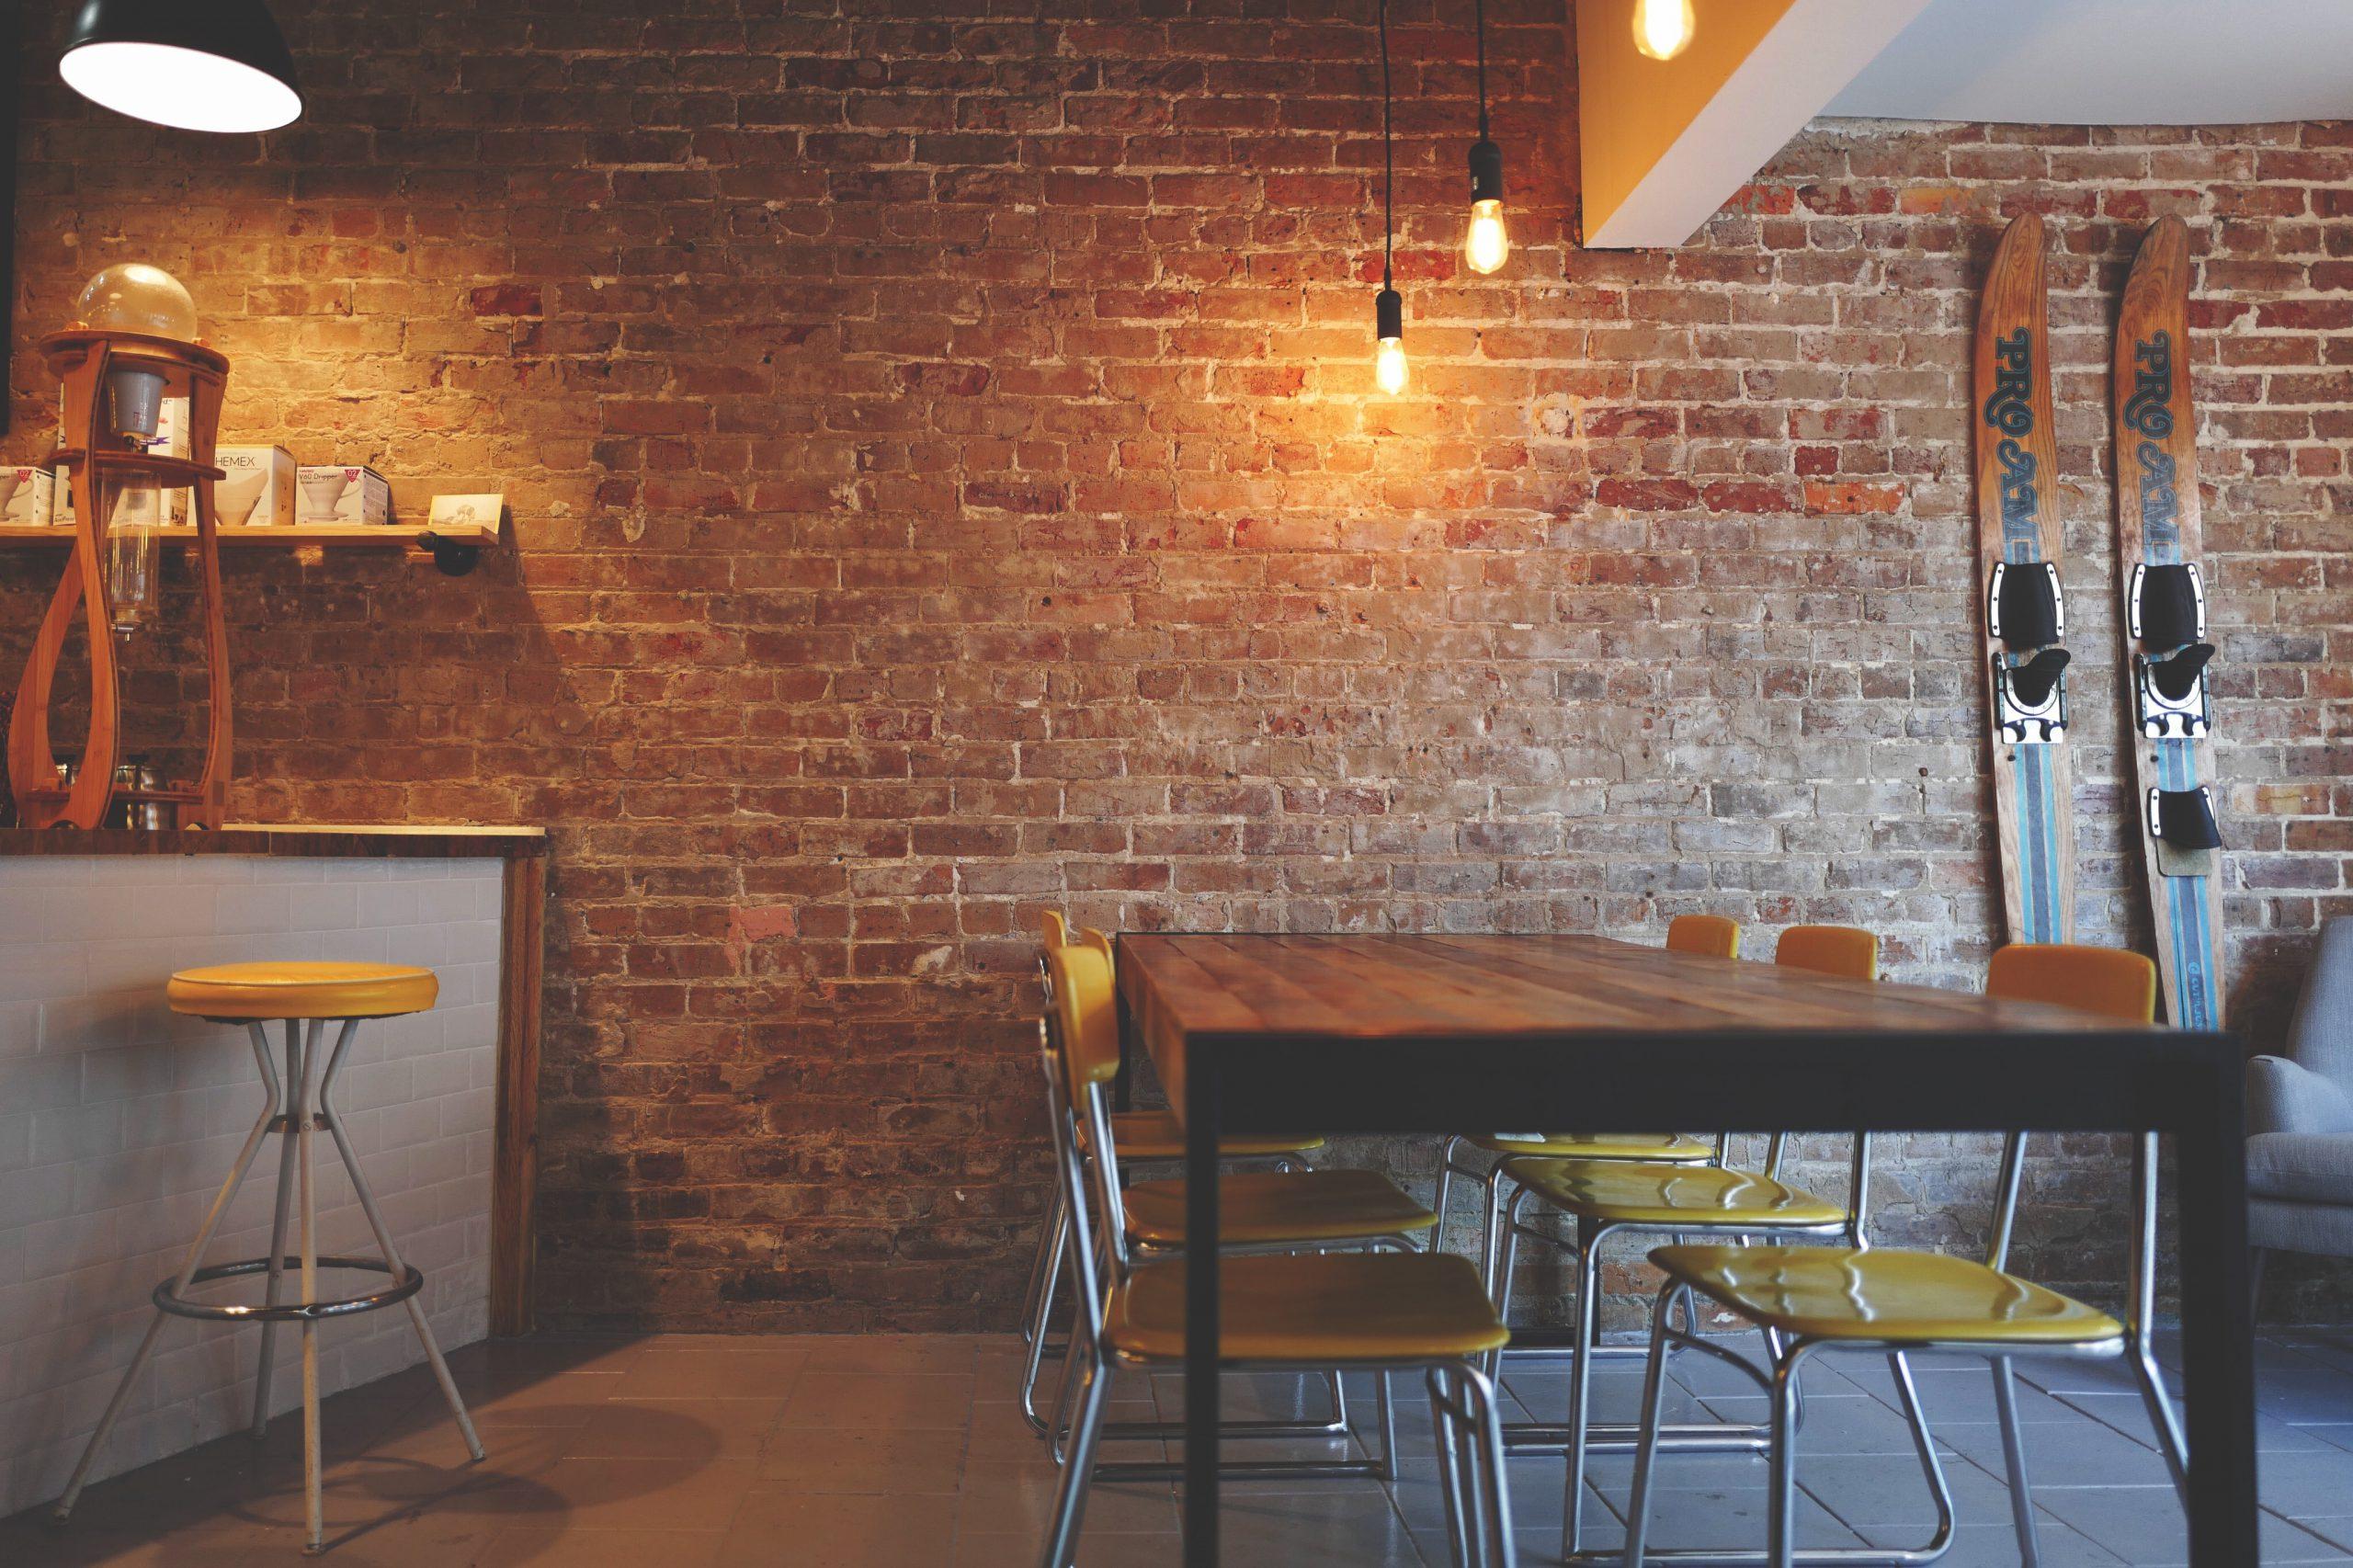 Barske mize za hiter zajtrk in jutranjo kavo